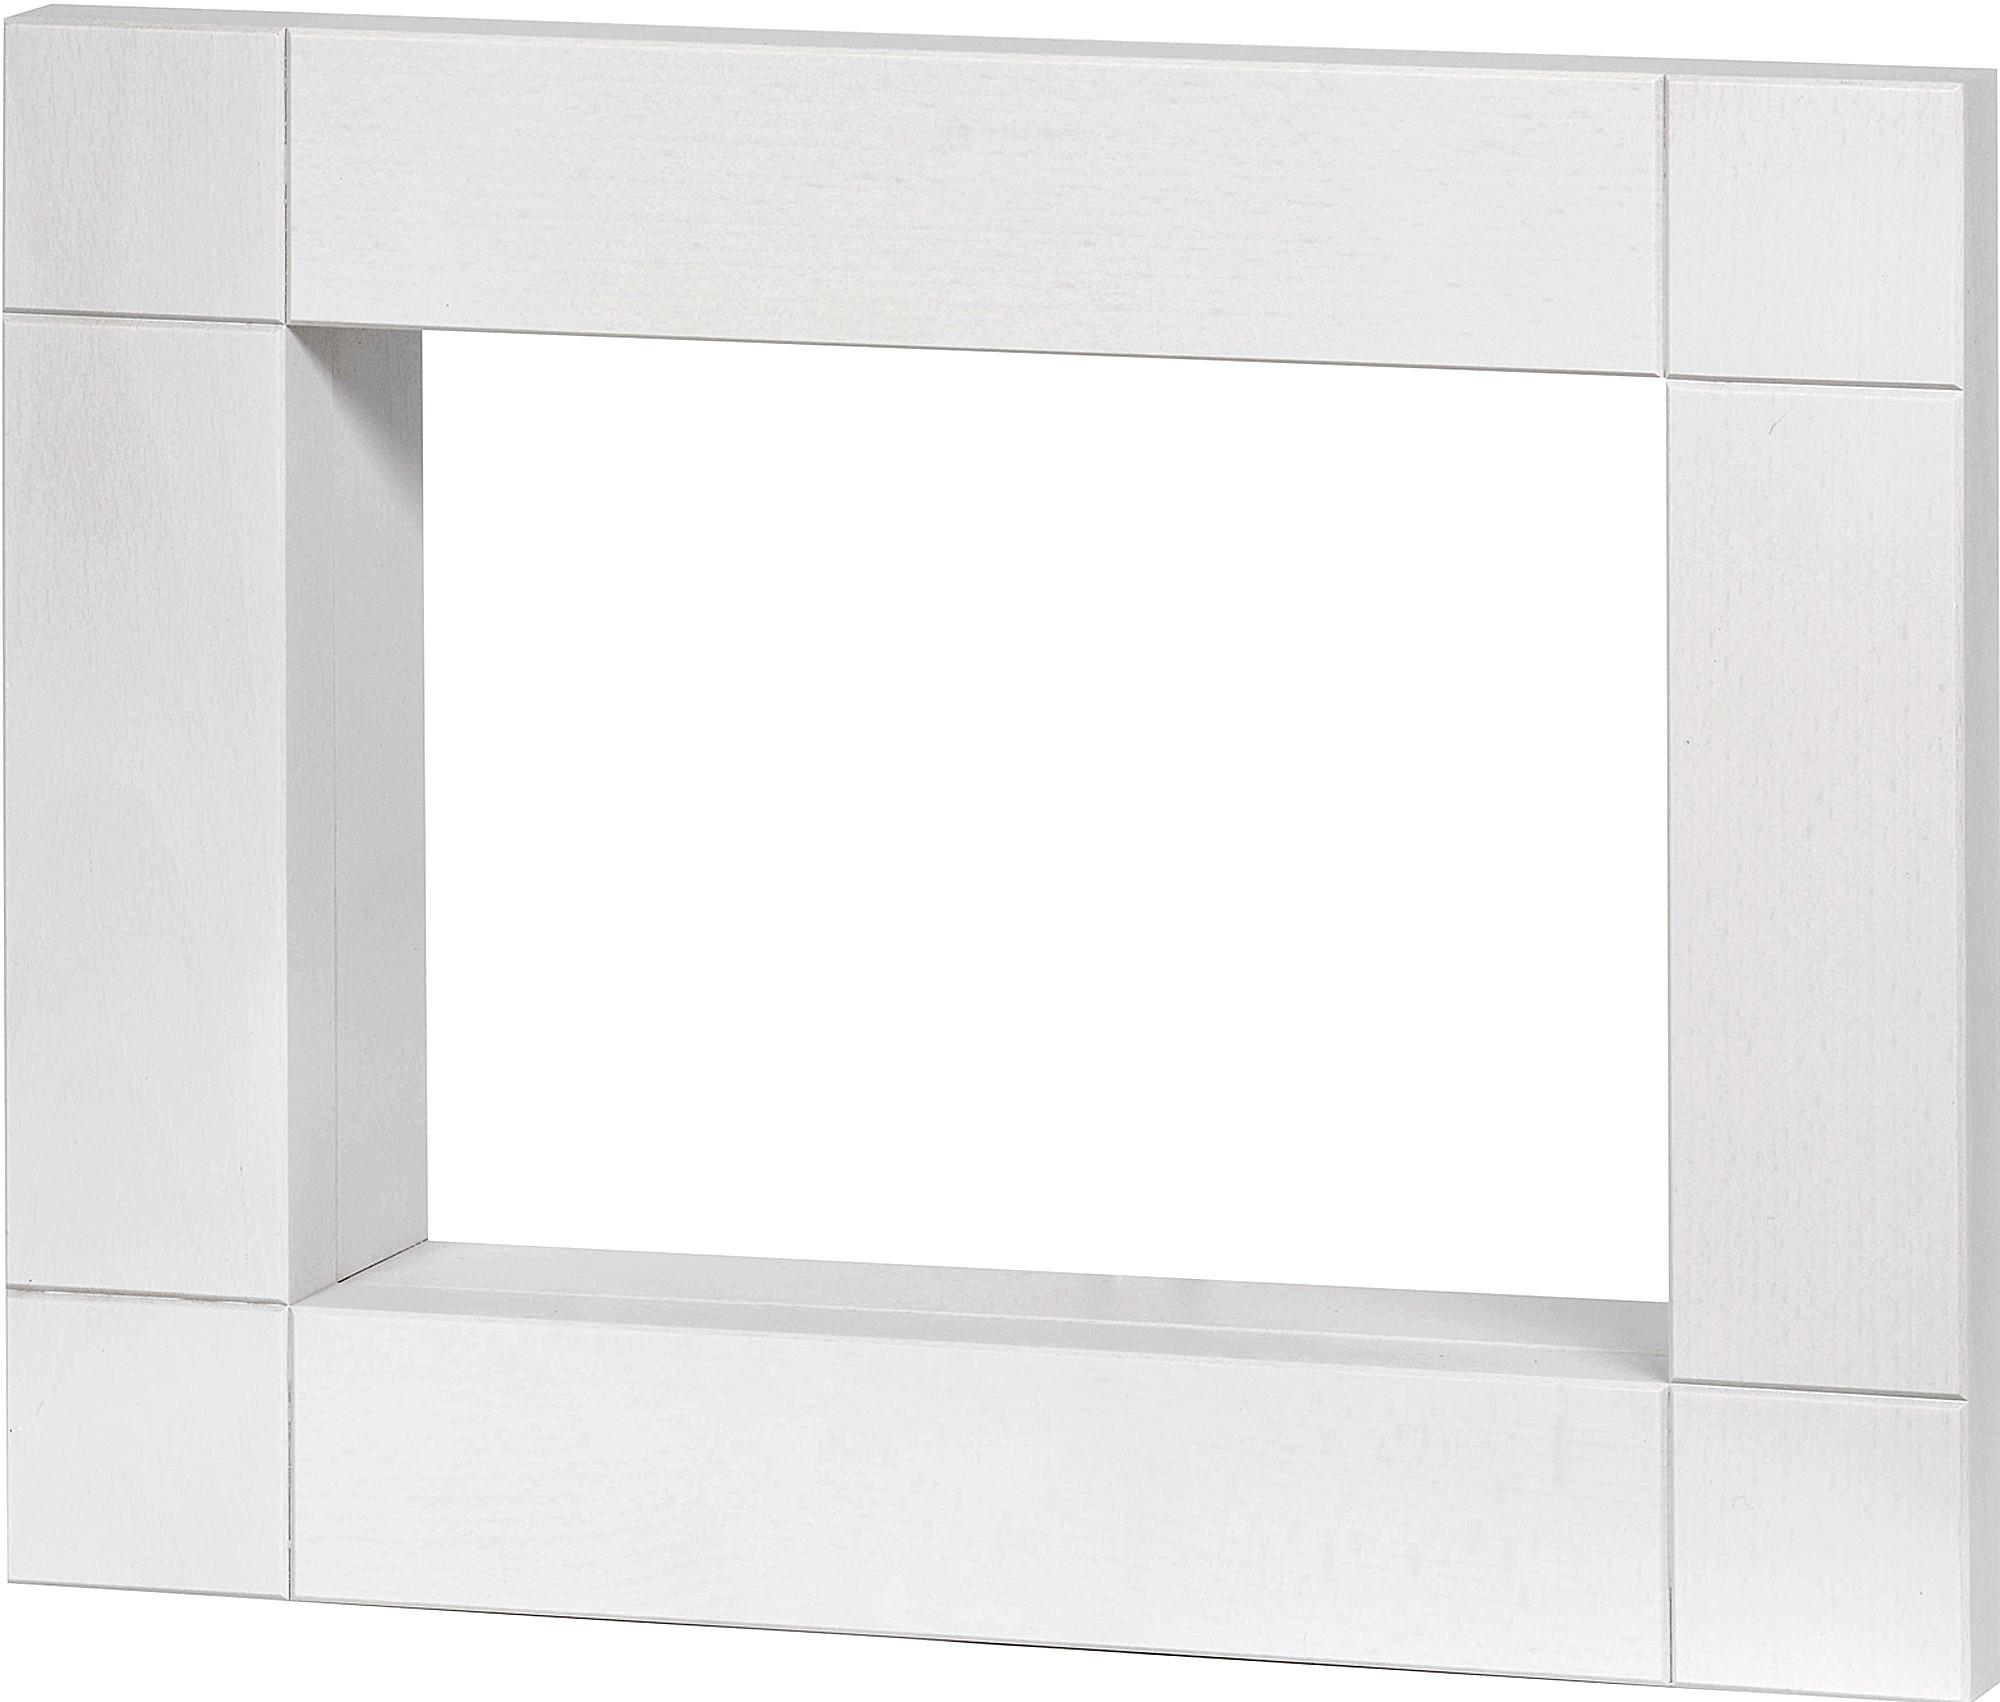 KWO Rahmen, weiß lasiert - klein